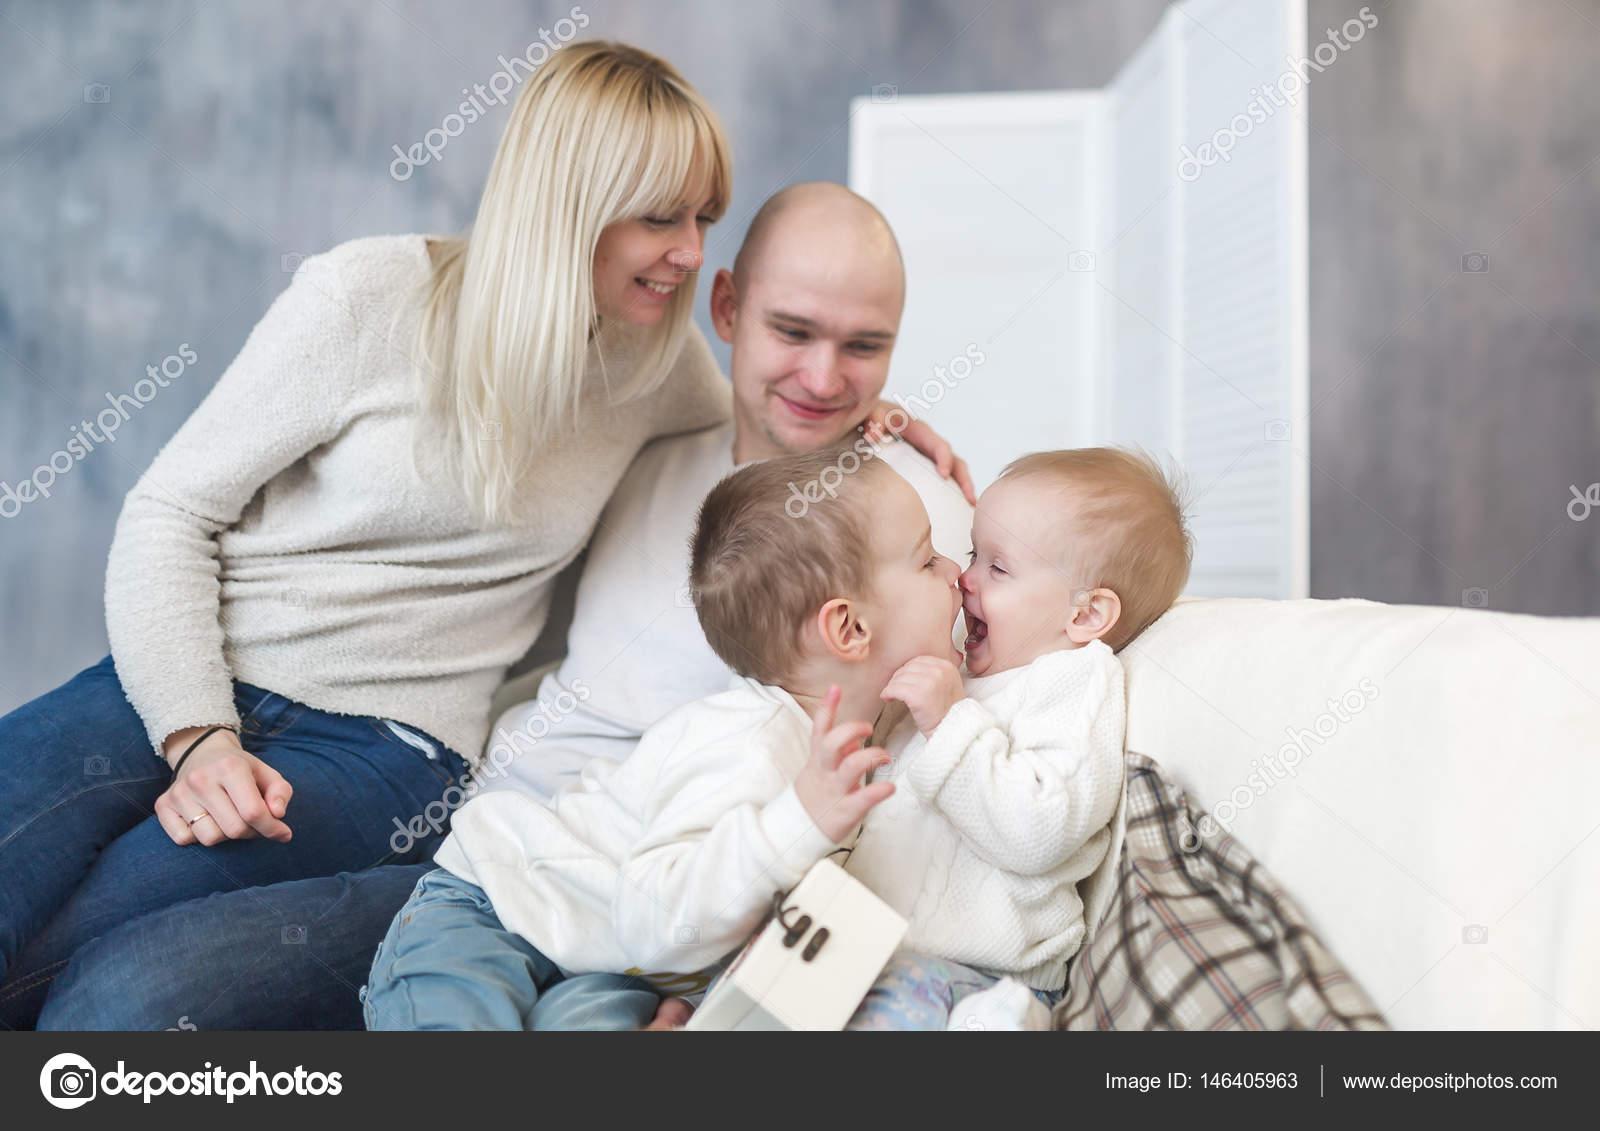 Kussen Voor Kinderen : De kussen ouders en kinderen. familie geluk en liefde. gelukkige